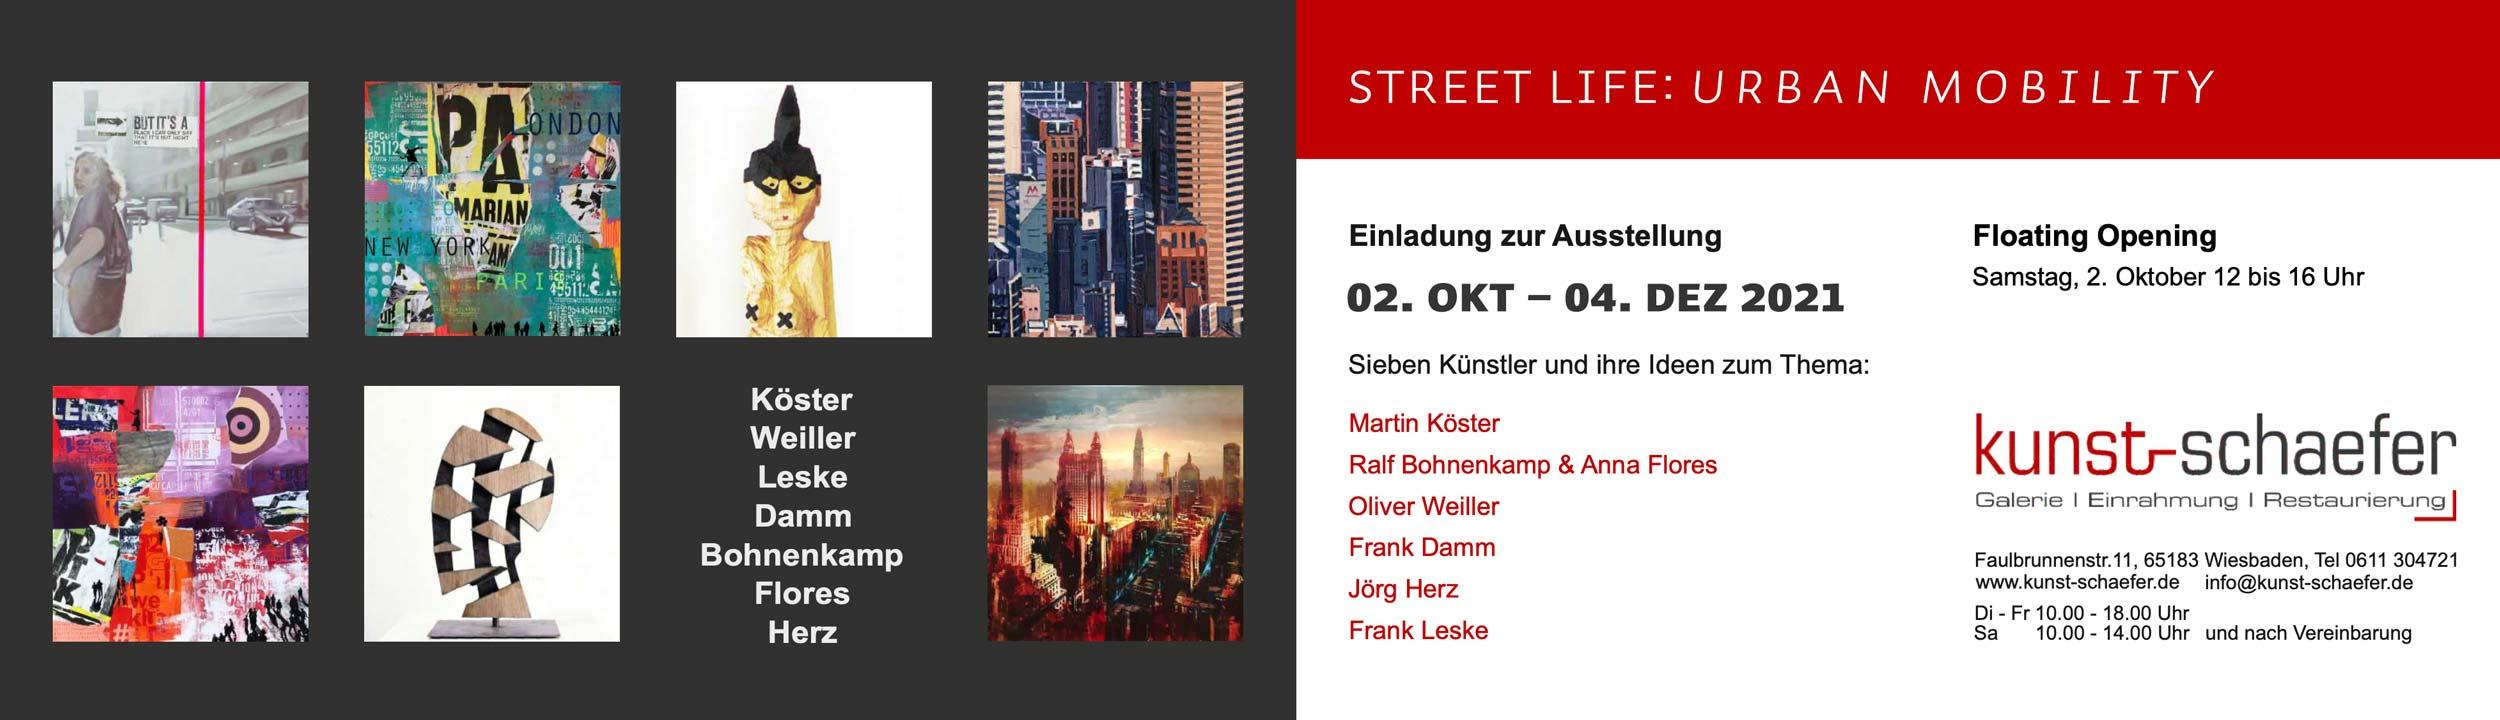 flyer-kunstschaefer-urban-mobility-ausstellung-2021